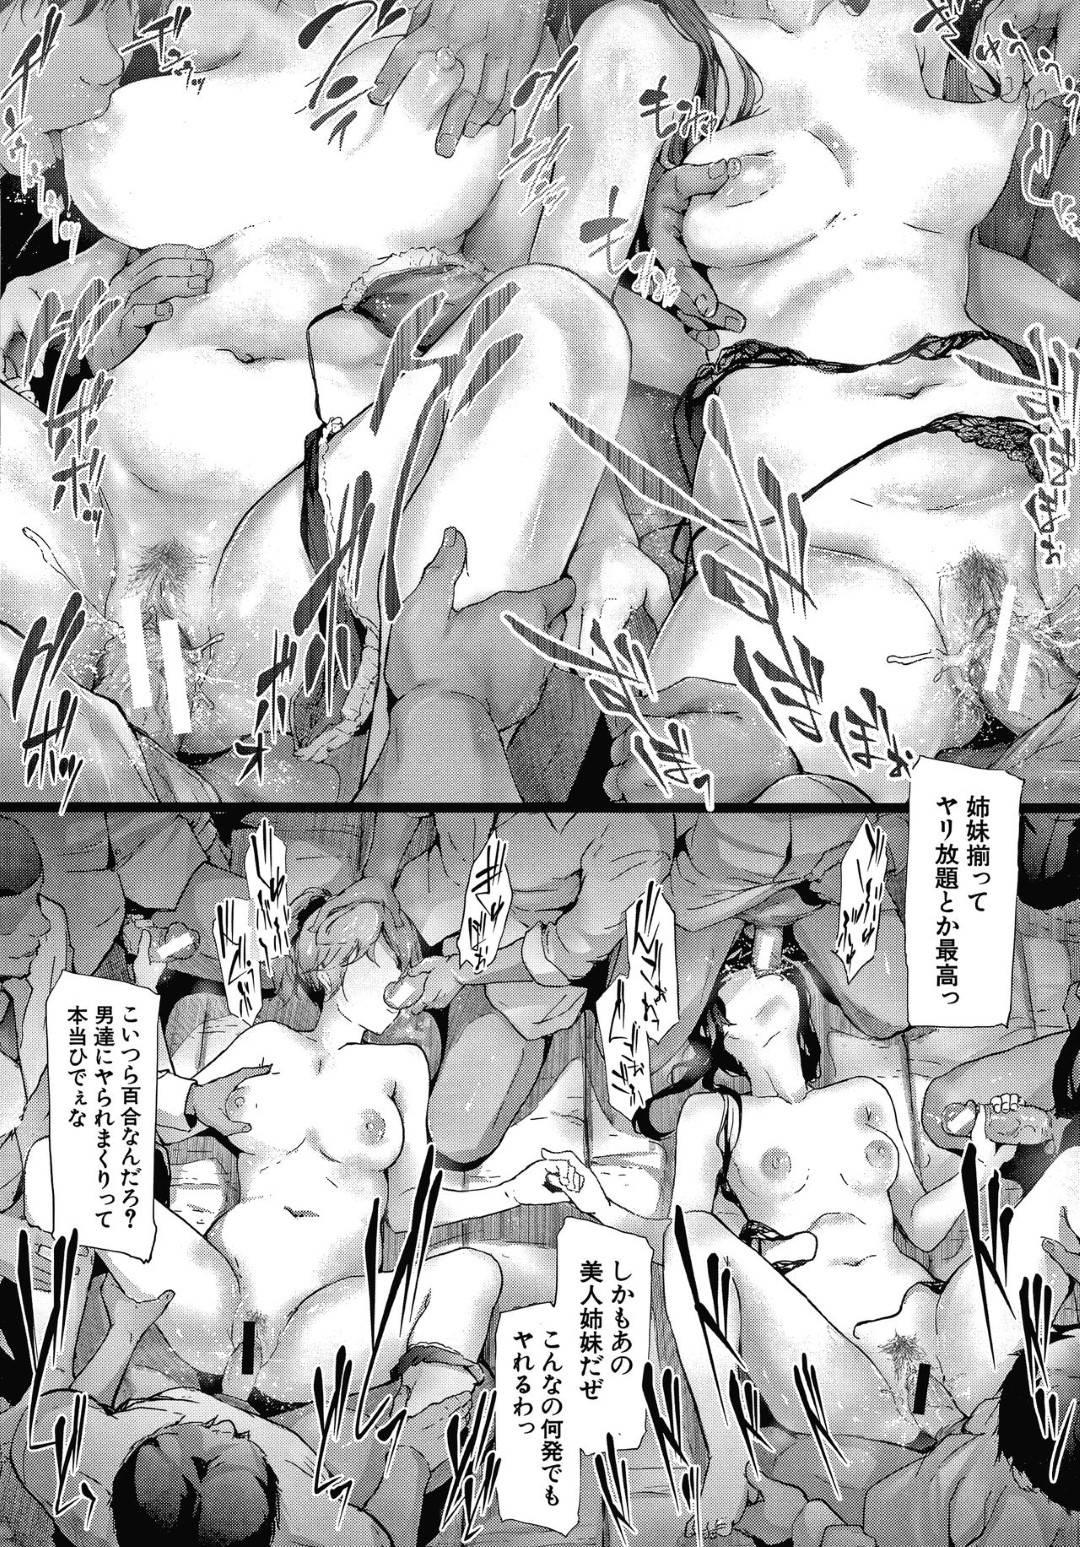 【エロ漫画】ハメ撮り動画を学校中の男子達に流出させられてしまった桜宮姉妹…その動画が原因で体育館で数十人の男子たちの慰み者になることに!妹のサヤを守るために姉のヒナタが全員を相手にすることになるが、精子まみれで力尽きてしまいサヤも一緒に犯されるのだった。【史鬼匠人:桜宮姉妹のネトラレ記録 第四話】